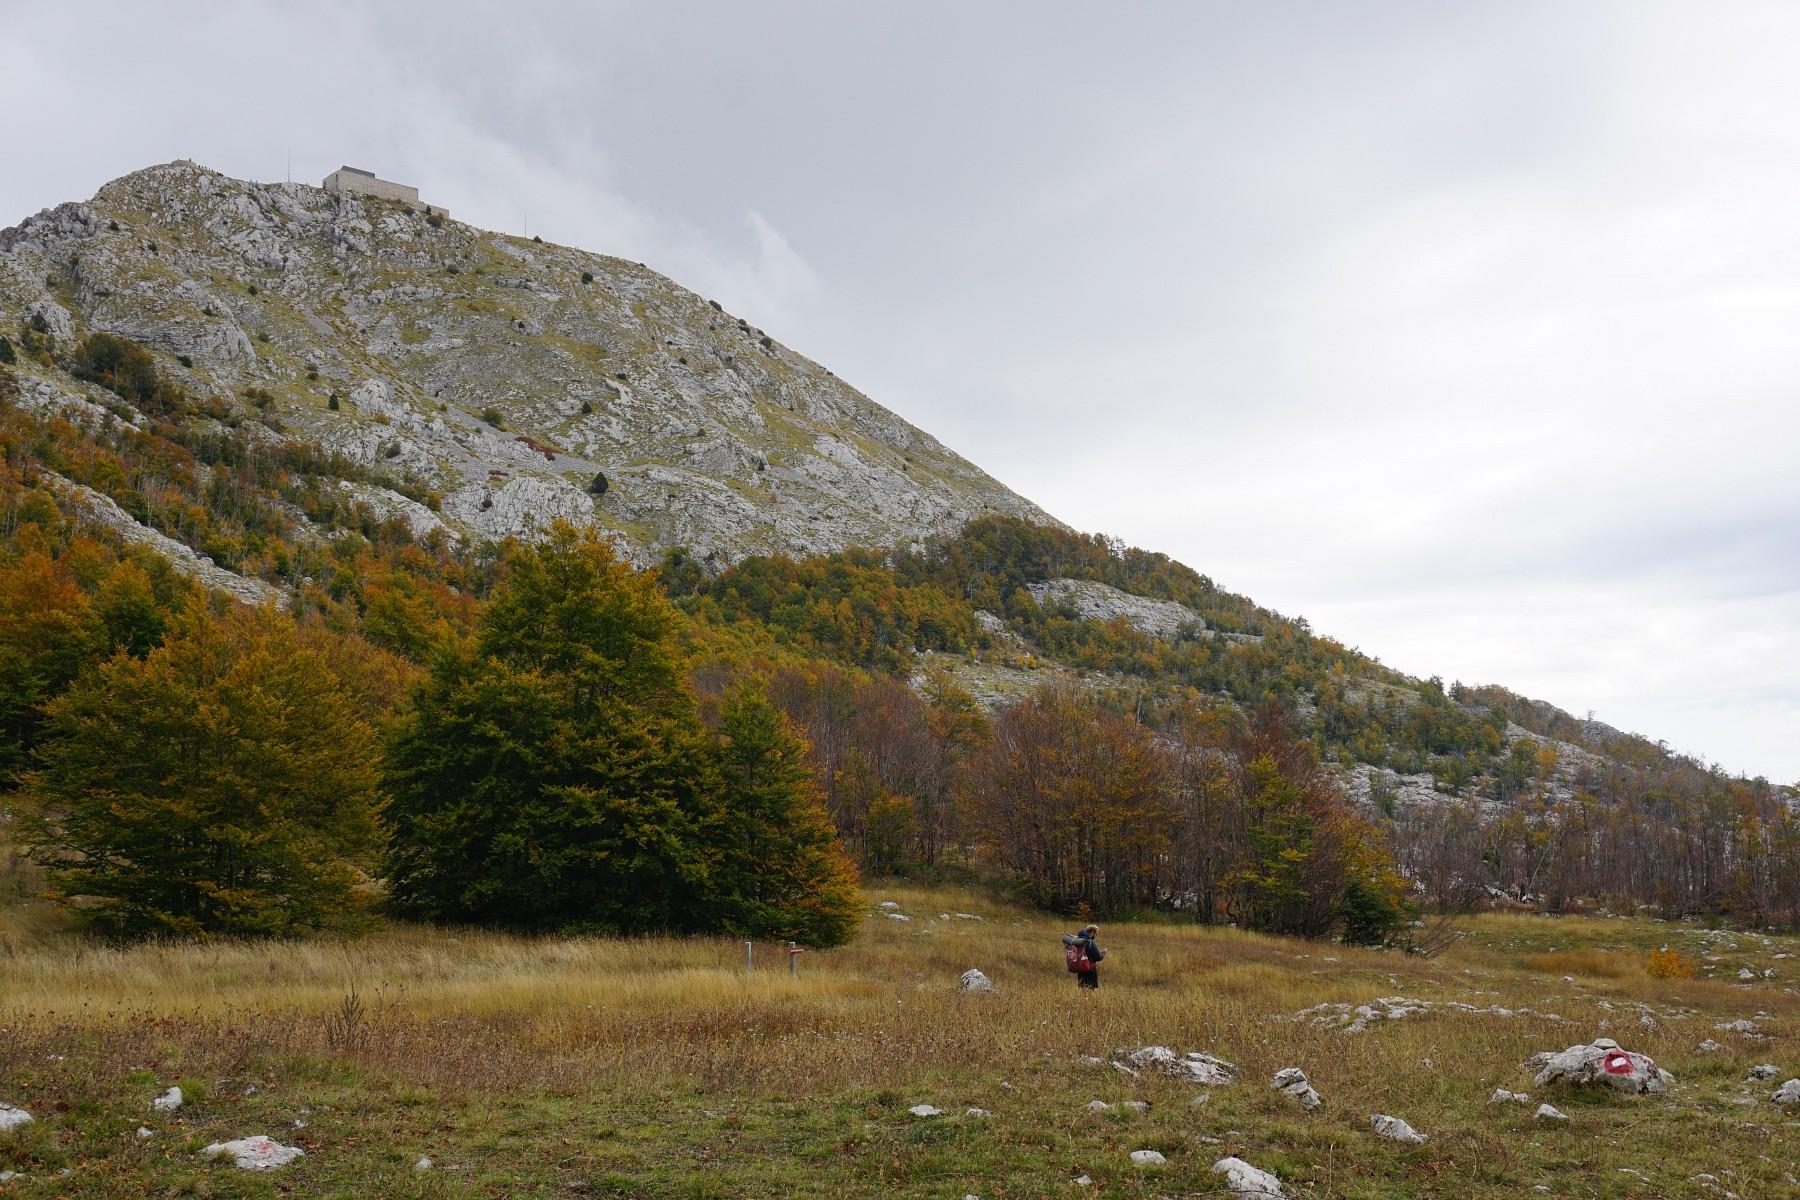 pIm-Loven-Nationalpark-In-exponierter-Lagenbspauf-dem-Jezerski-Vrh-befindet-sich-das-imposante-Mausoleum-von-Montenegros-groumlszligtemnbspDichternbspund-FuumlrstennbspPetar-II-Petrovi-Njegoscaron--nbspheutenbsperreichbar-uumlber-461-Stufennbspp